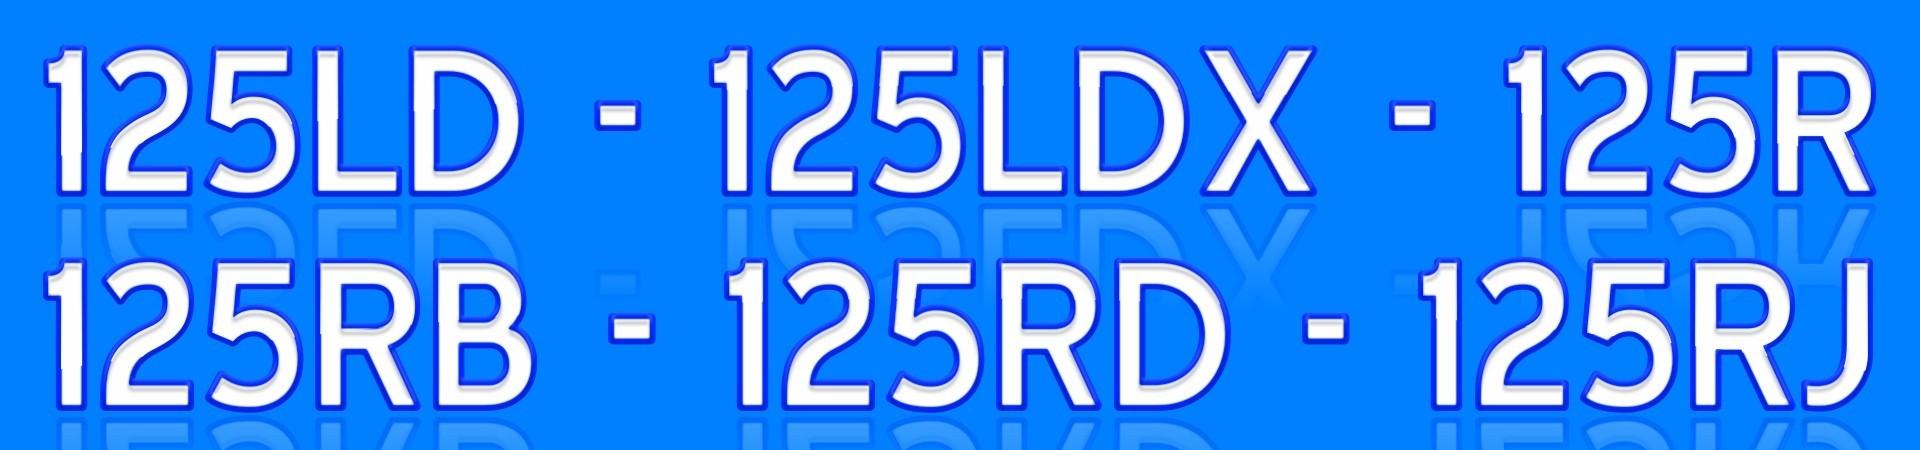 124R 125R 128R 132R